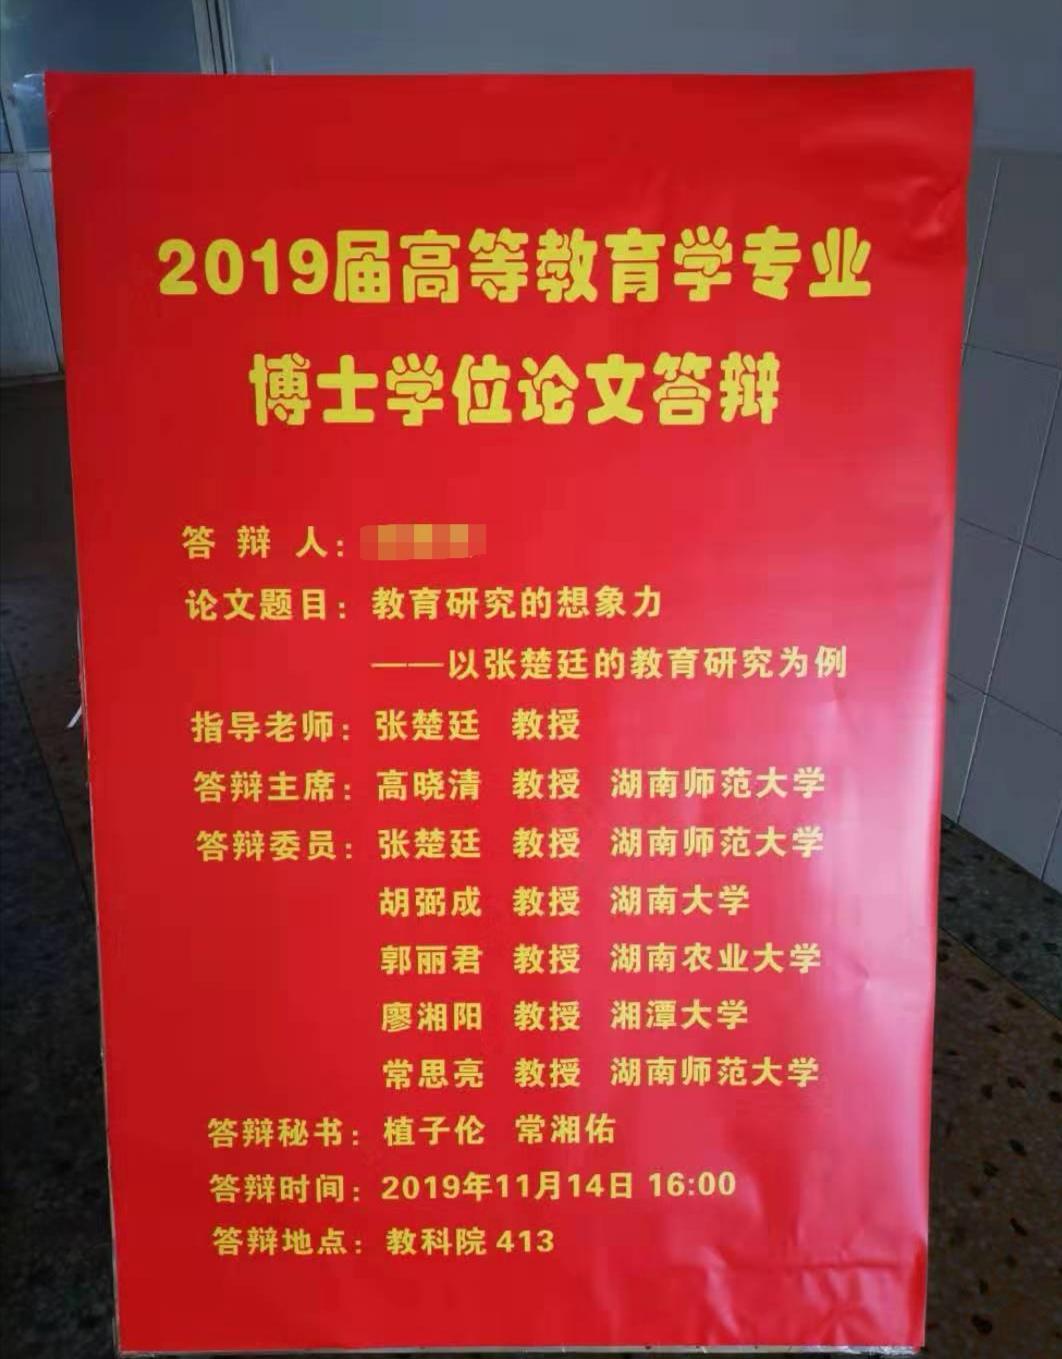 网传来自于湖南师范大学博士毕业生答辩通知。网络截图